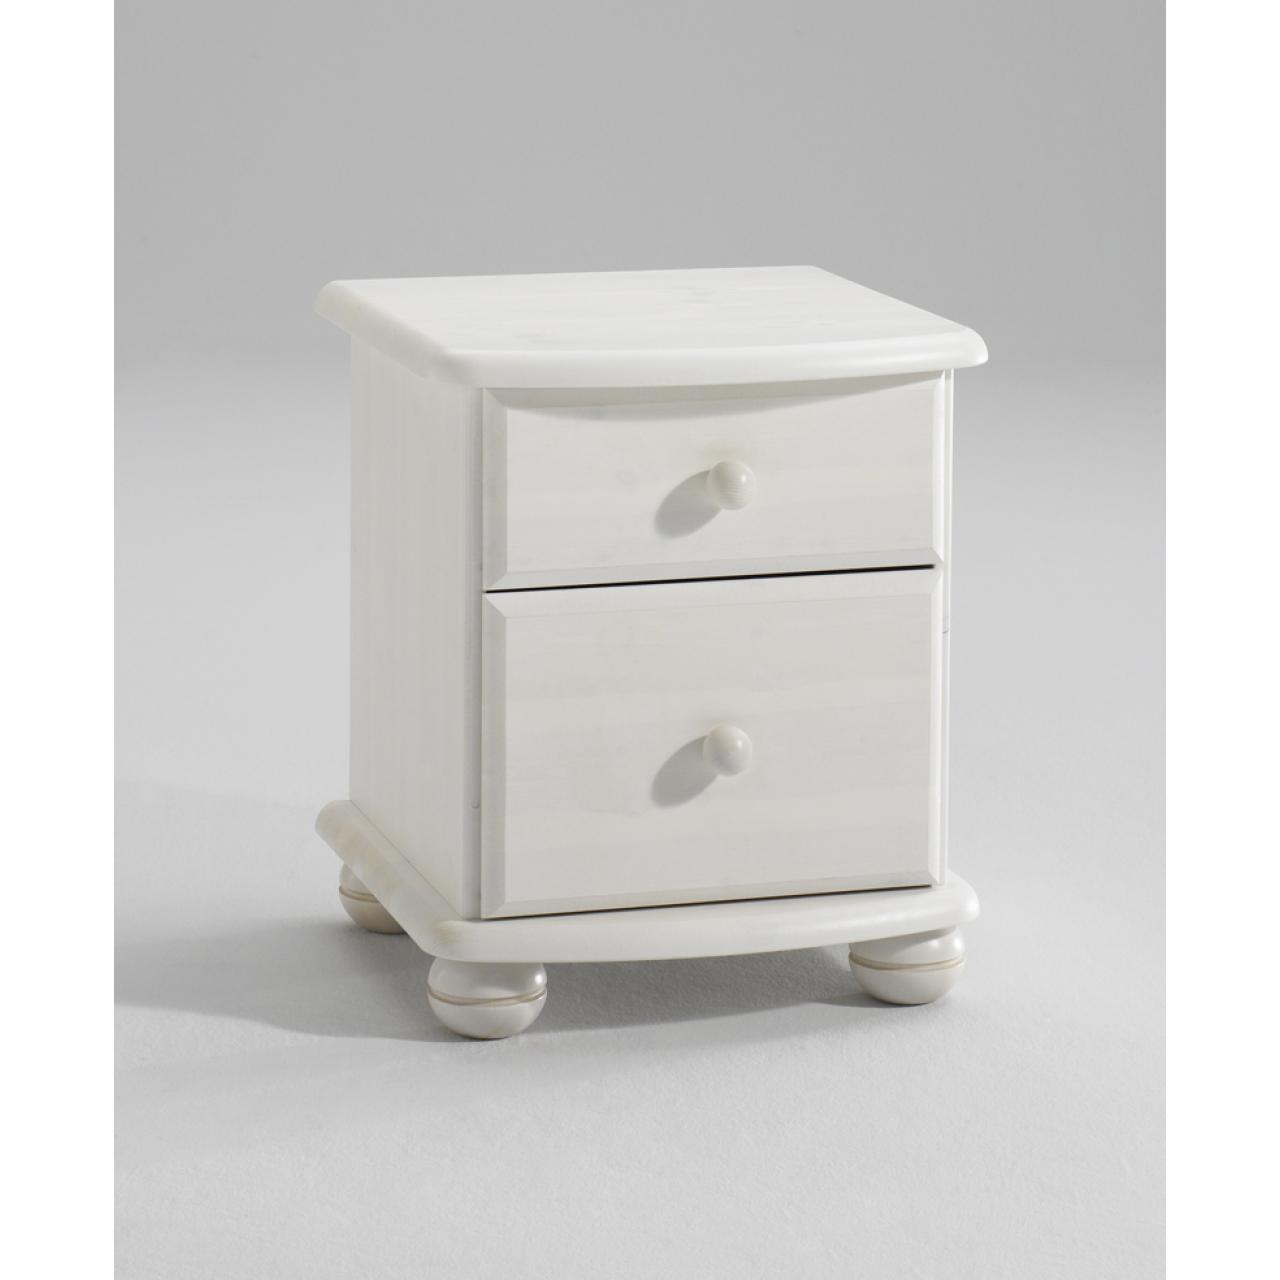 Kommode Moby Weiß 2 Schubladen Bürokommode Bürocontainer Arbeitszimmer MDF